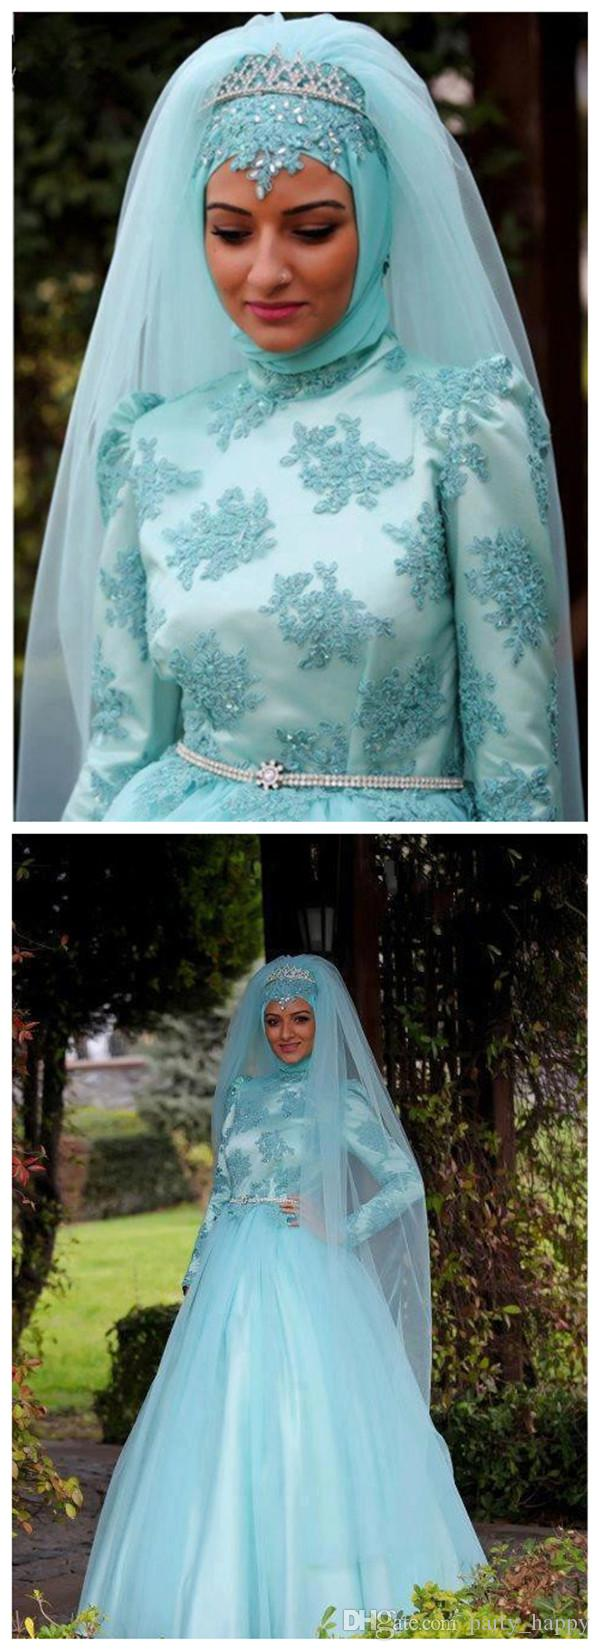 Die muslimische Hui Brautkleid Spitze lange volle Hülse Blau Appliques Brautkleider Mermaid India Malay Hui Hochzeit Vintage Brautkleider